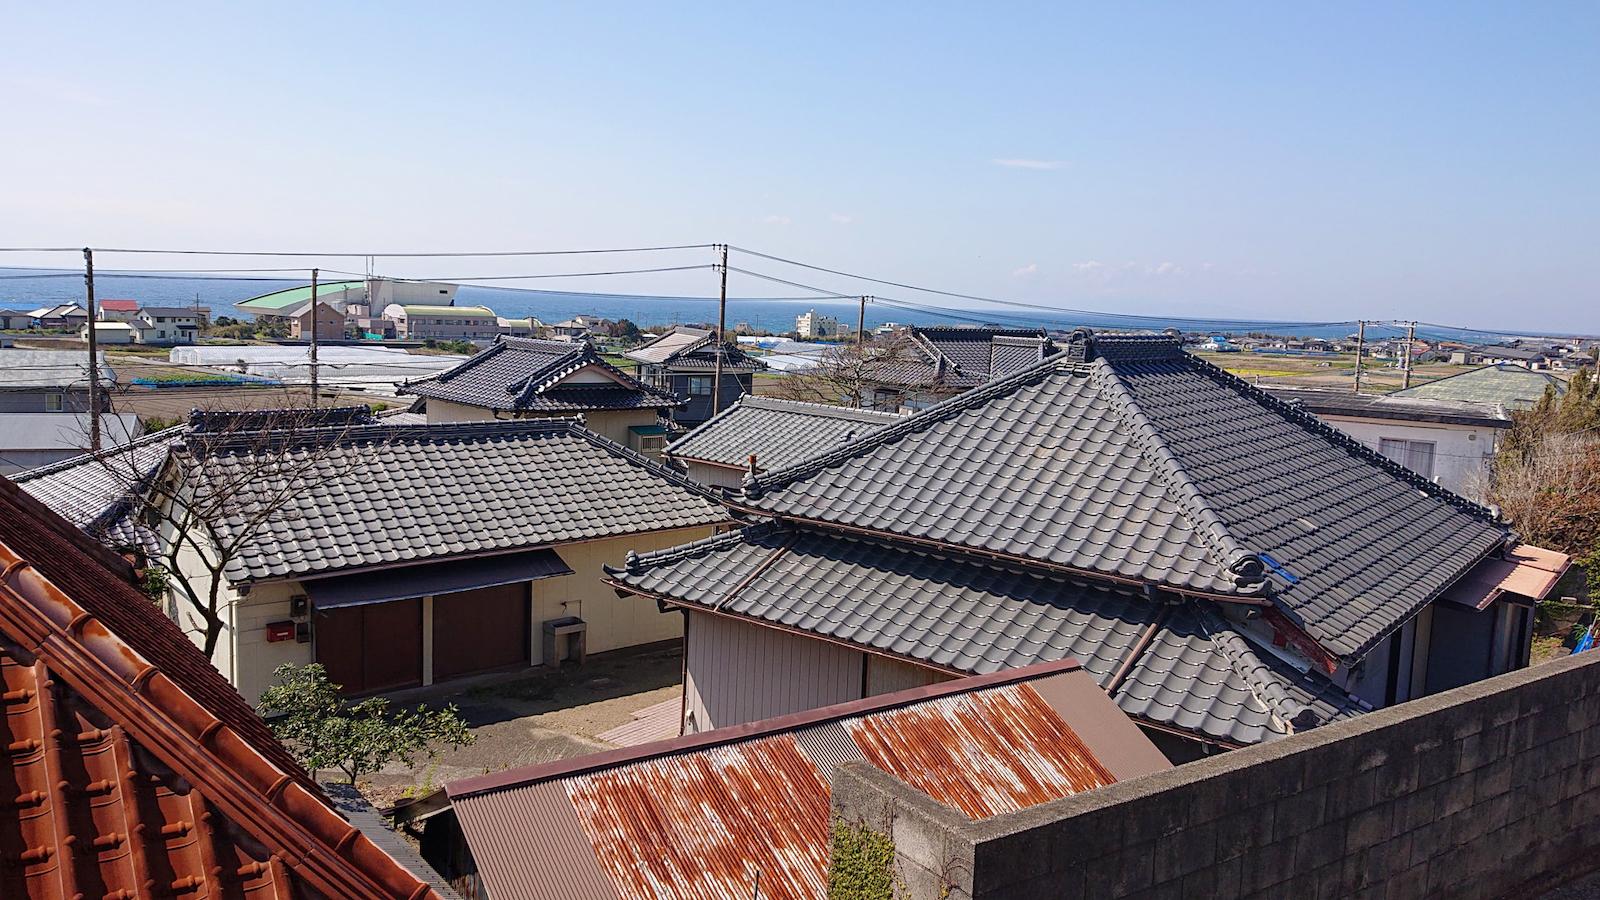 セルリアンブルーの空とコバルトブルーの海が見える西横渚の住宅地